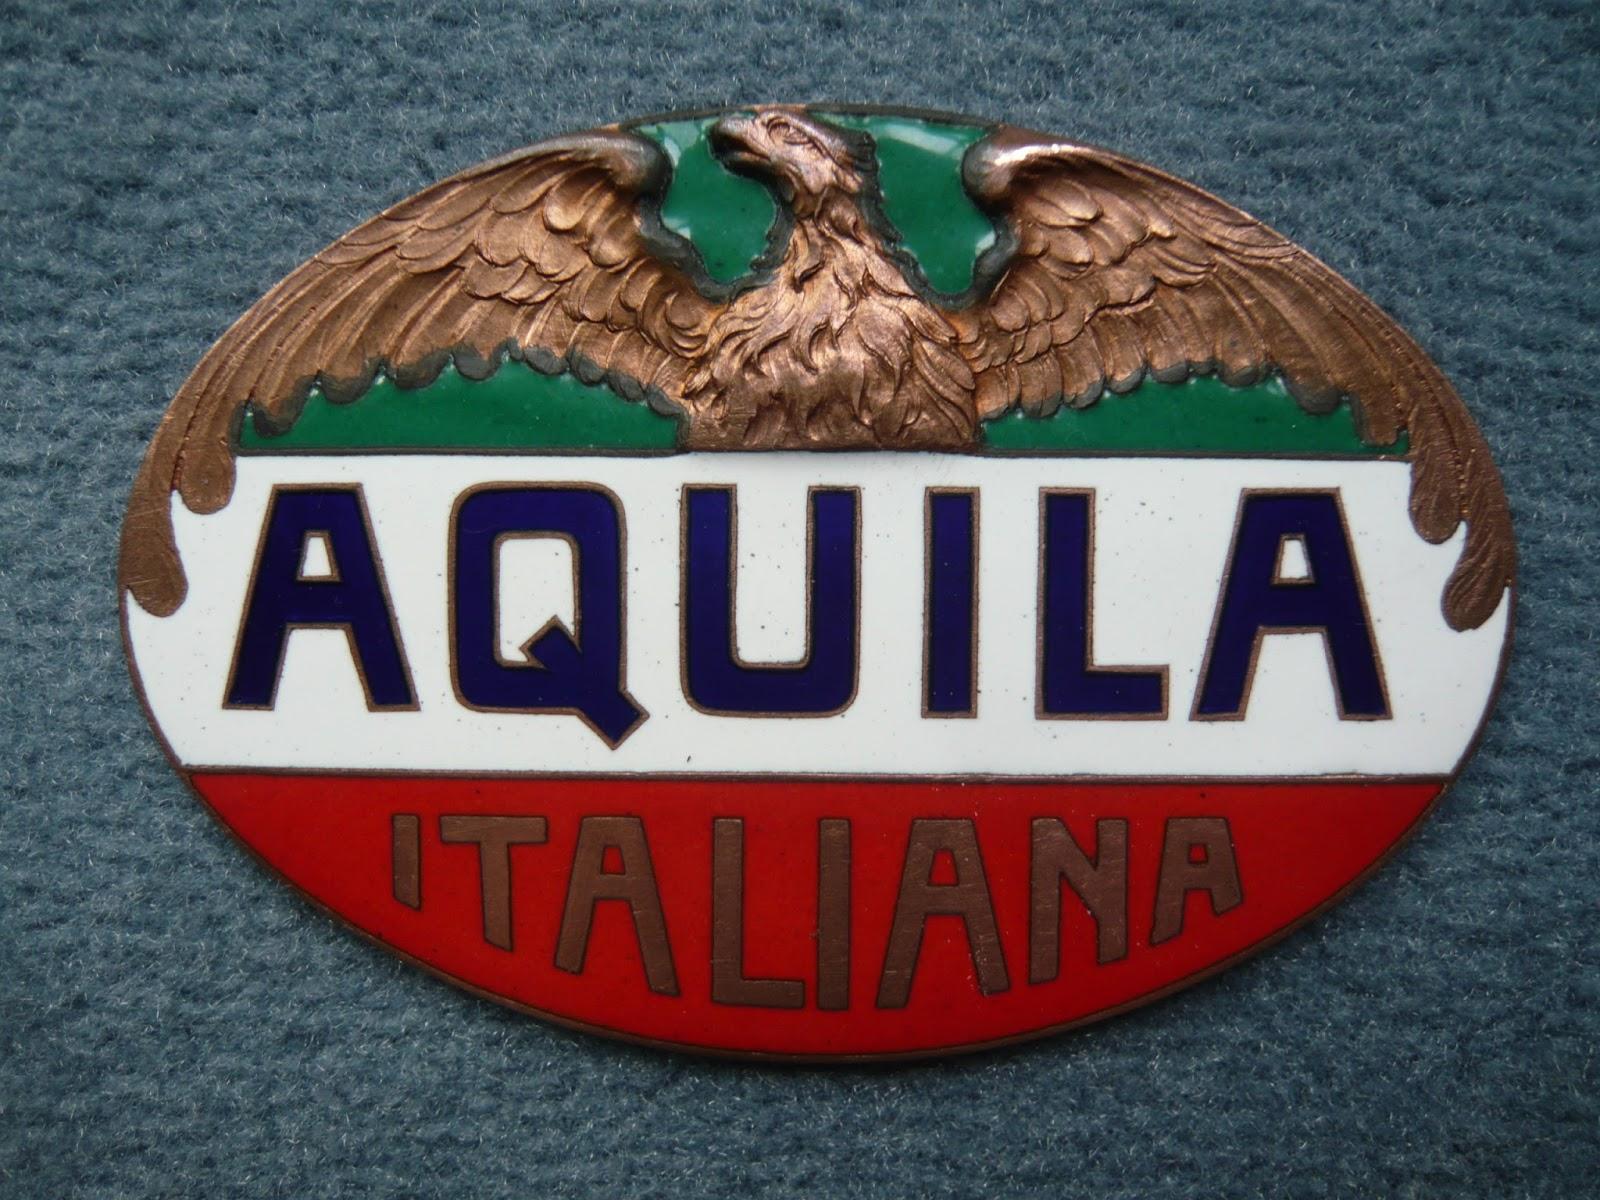 Aquila Italiana emblem Wallpaper